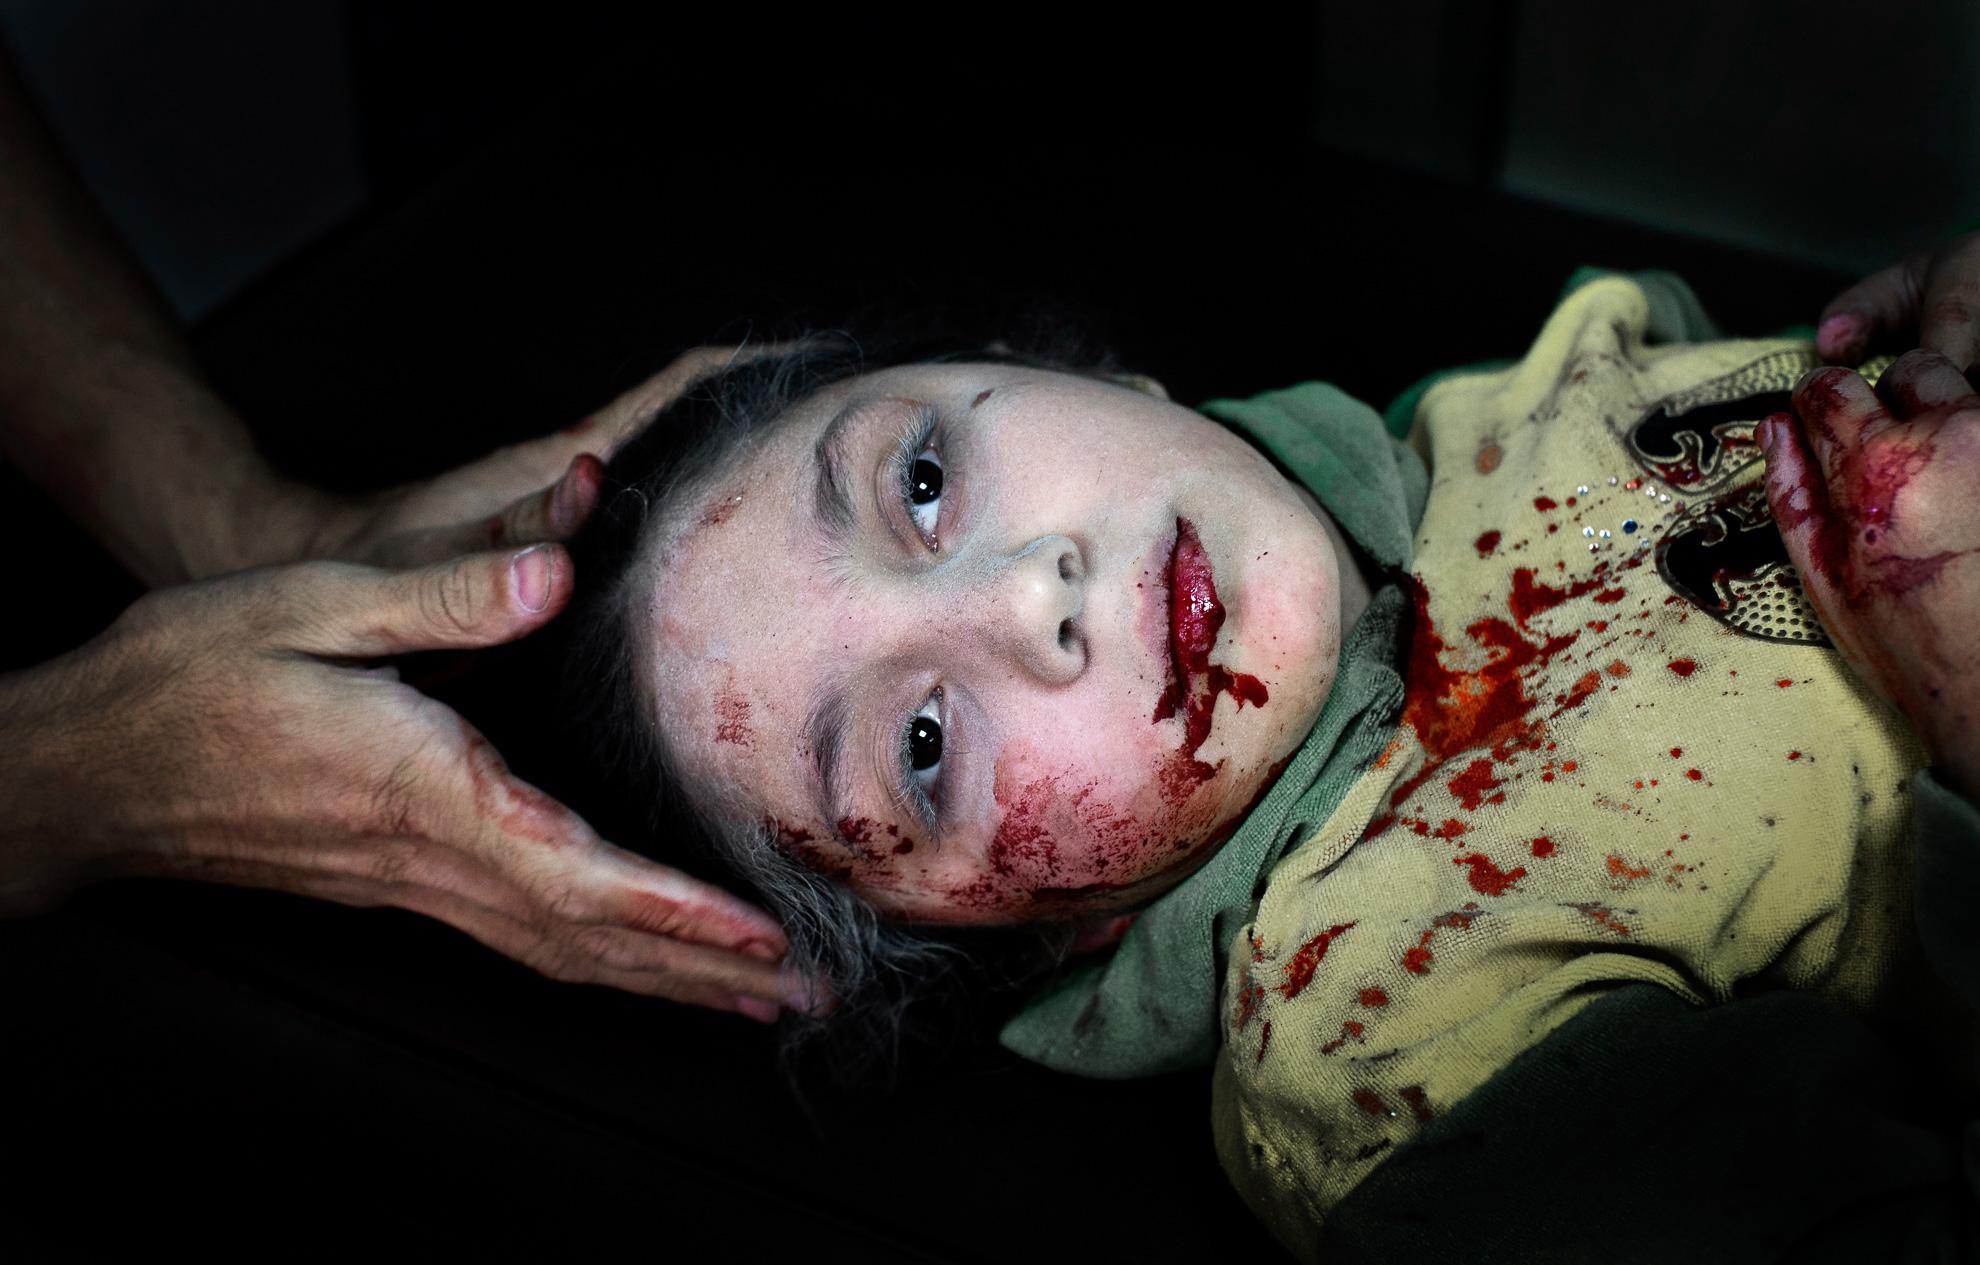 Alepo, Siria. 15-10-2012. Dania Kilsi, de 11 años, es tratada por heridas de metralla en el hospital de Dar-al Shifa. Ella y sus dos hermanos menores, Zaid, de 2 años y Fátima de 6 años, estaban jugando fuera de su casa cuando resultaron heridos por una bomba.